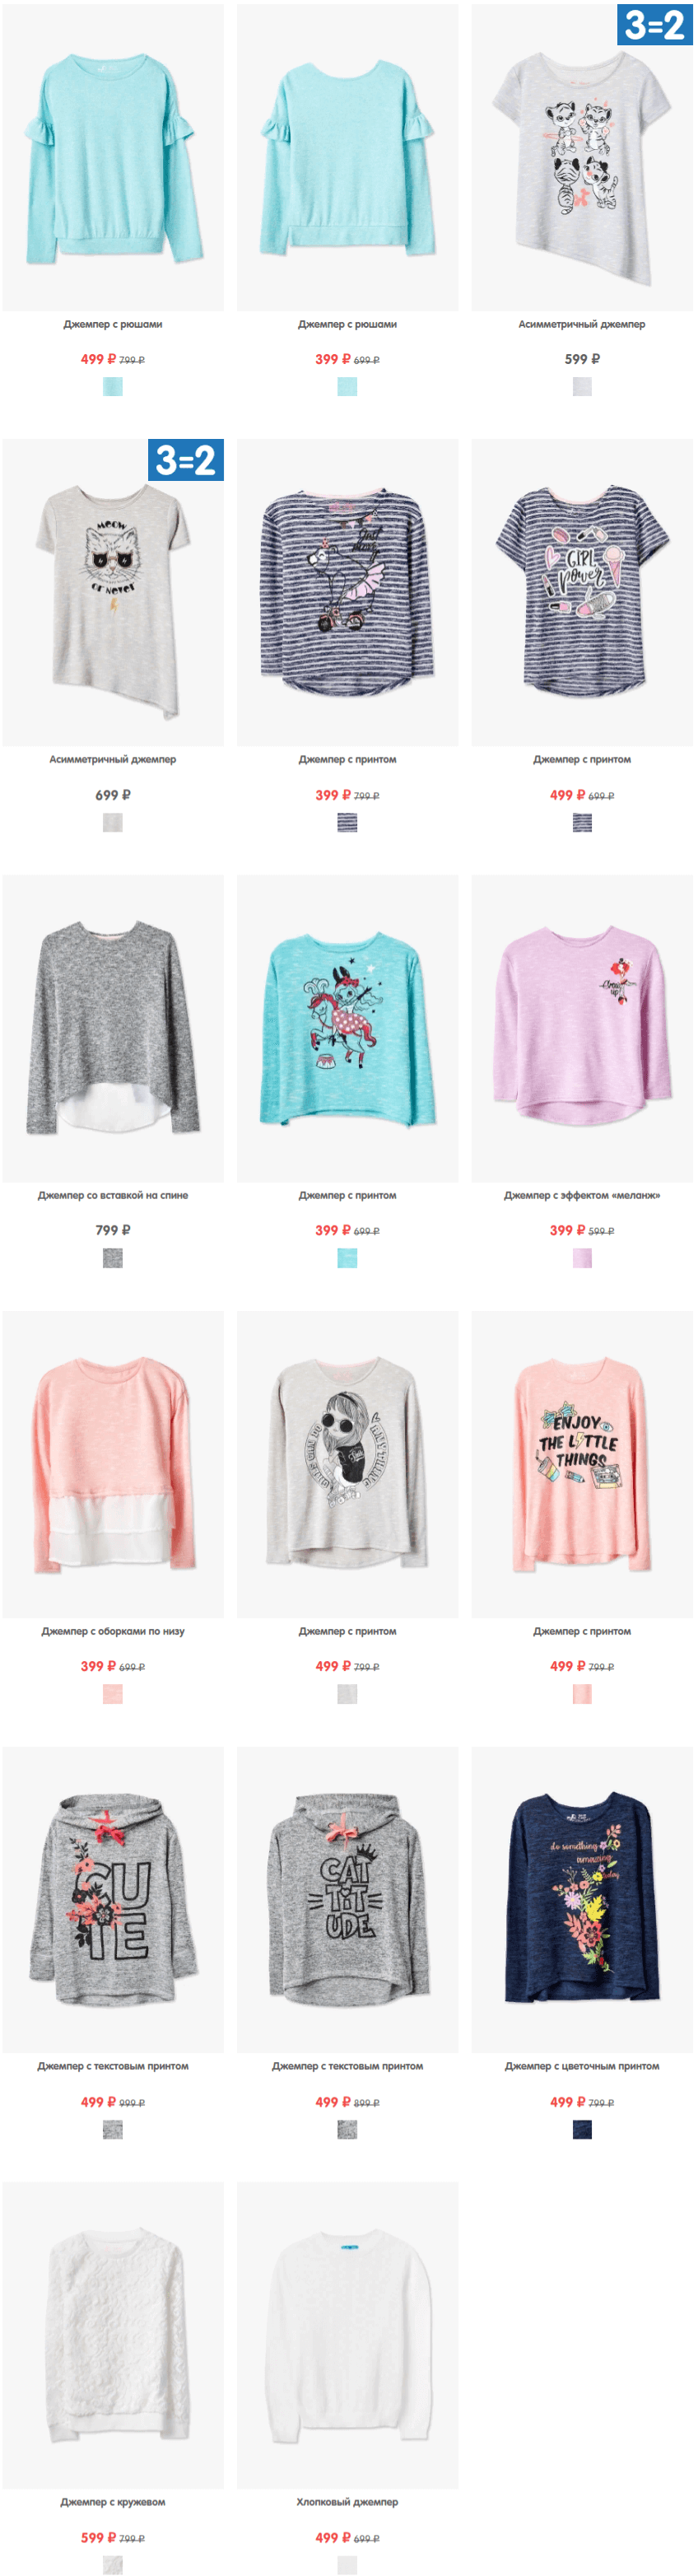 Купить Джемперы и свитеры для девочек в интернет-магазине одежды